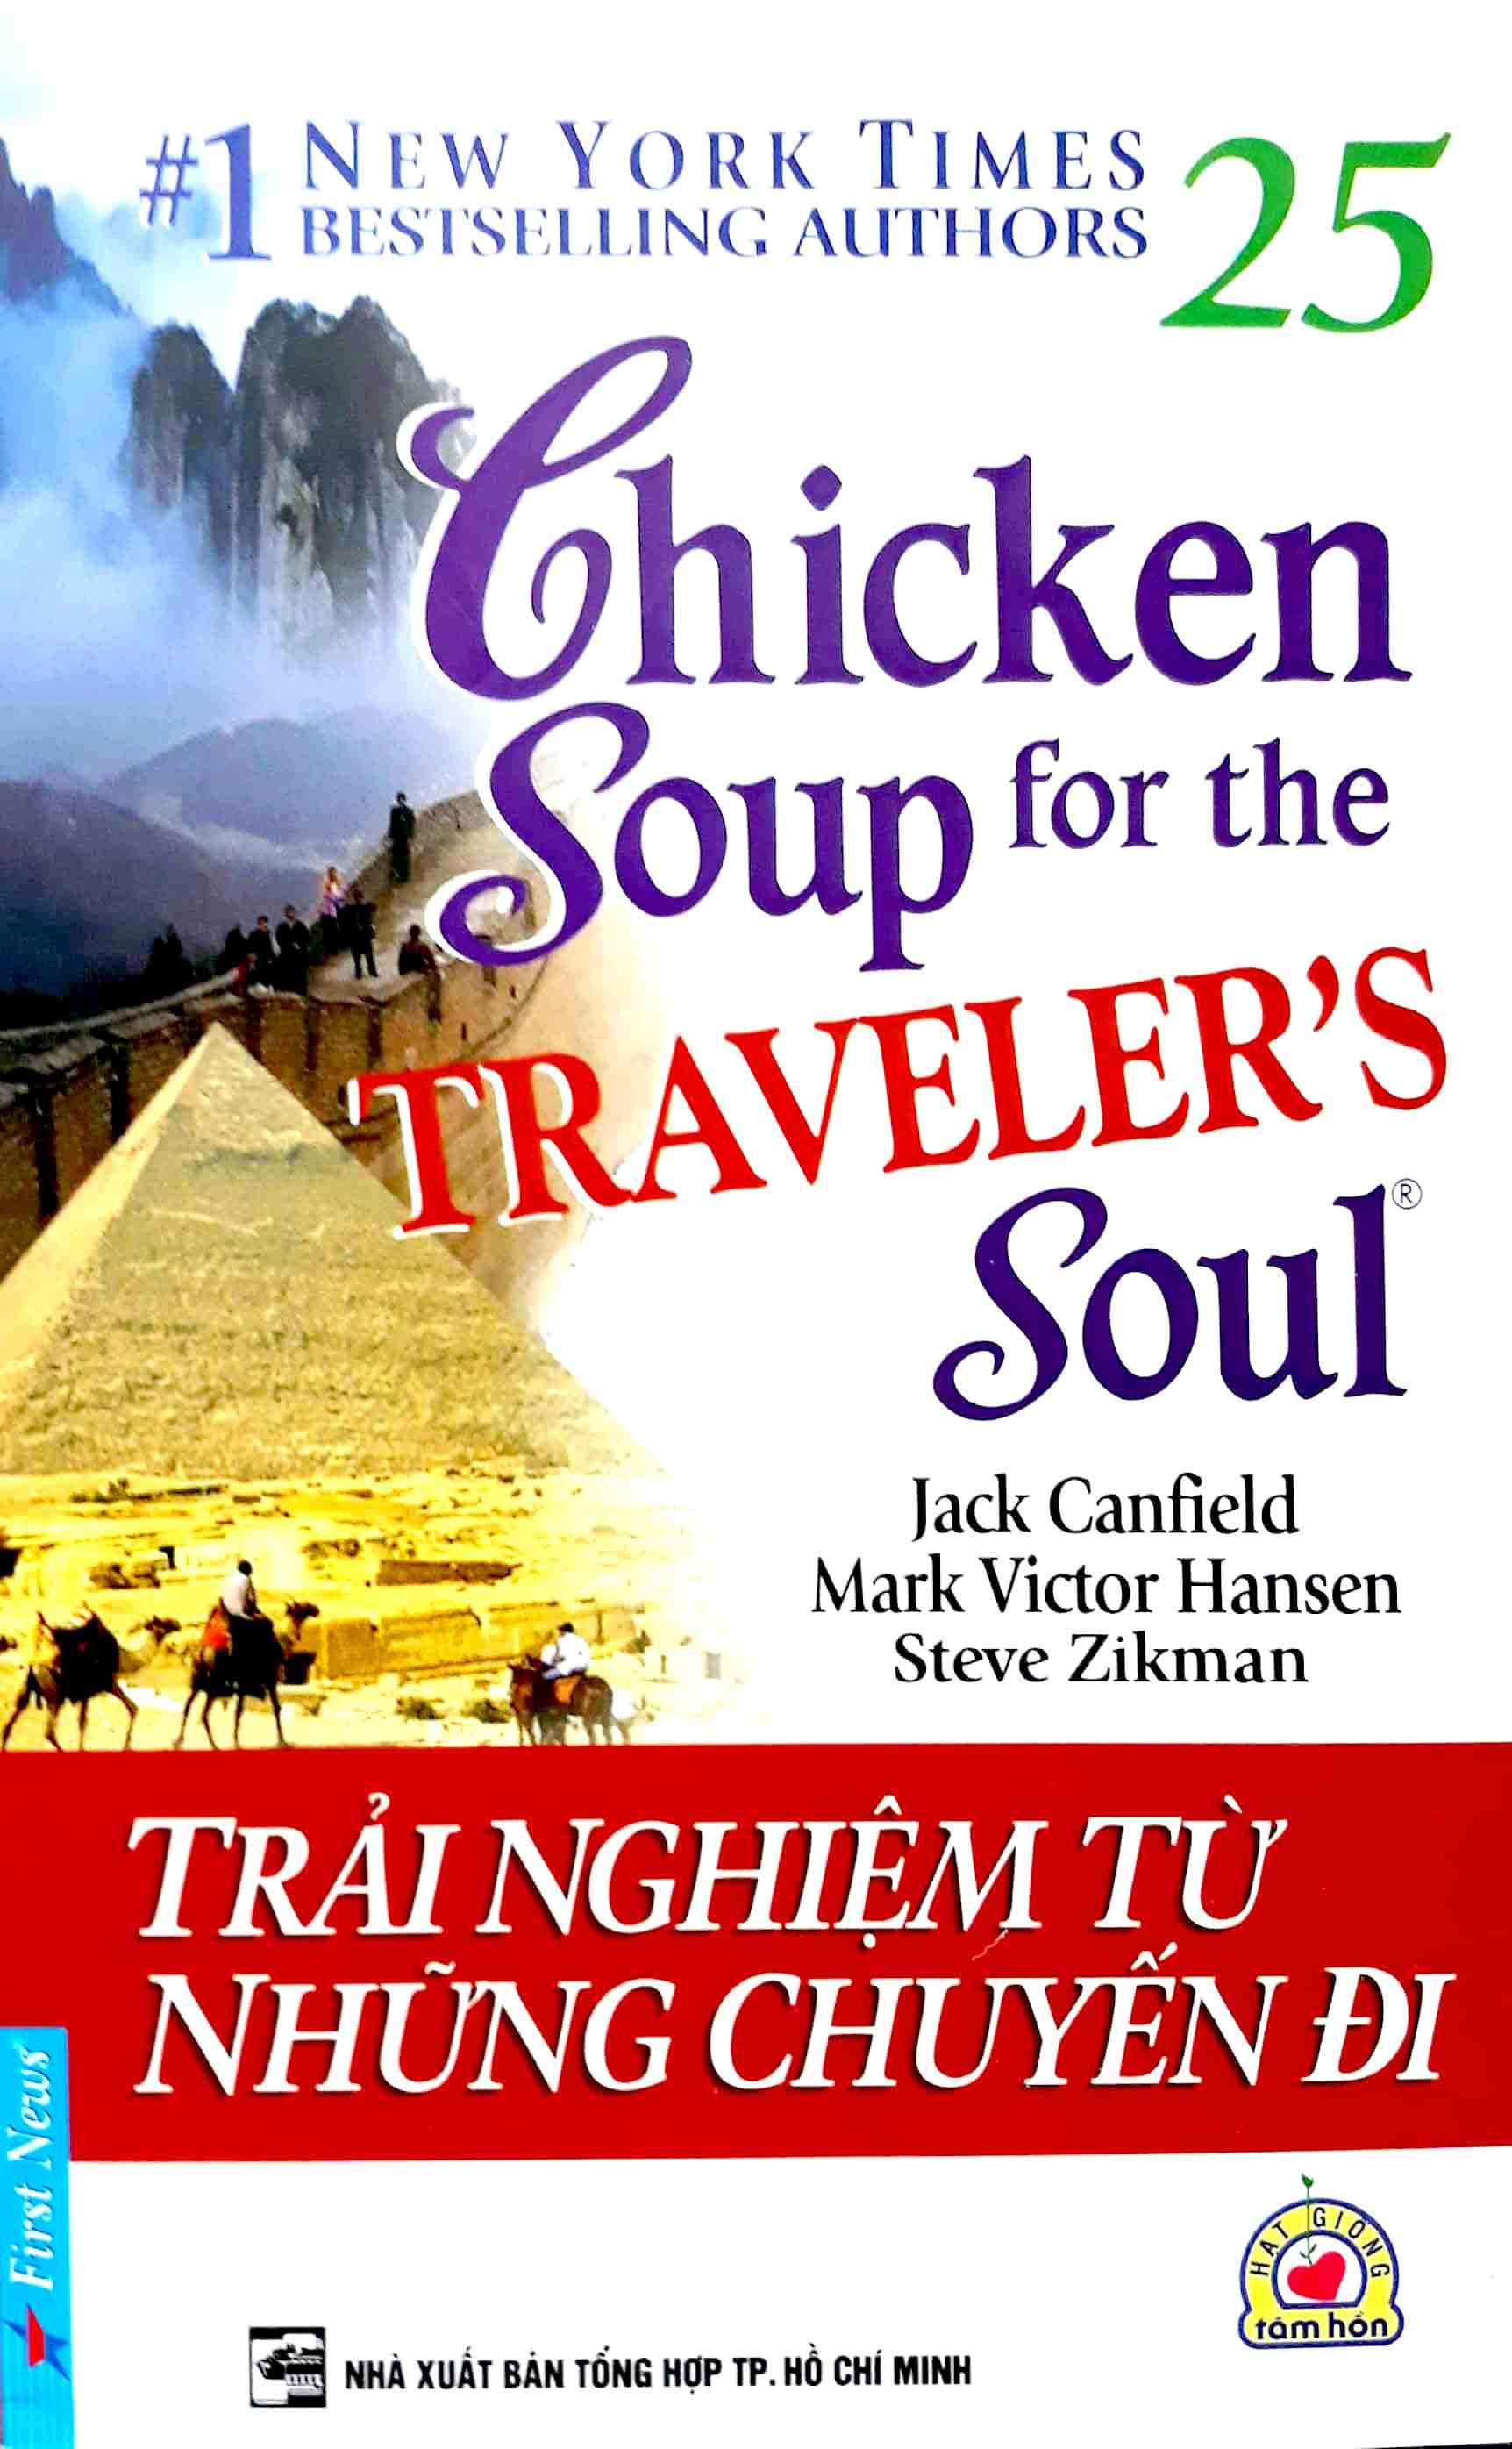 CHICKEN SOUP FOR THE TRAVELER'S SOUL 25 - TRẢI NGHIỆM TỪ NHỮNG CHUYẾN ĐI